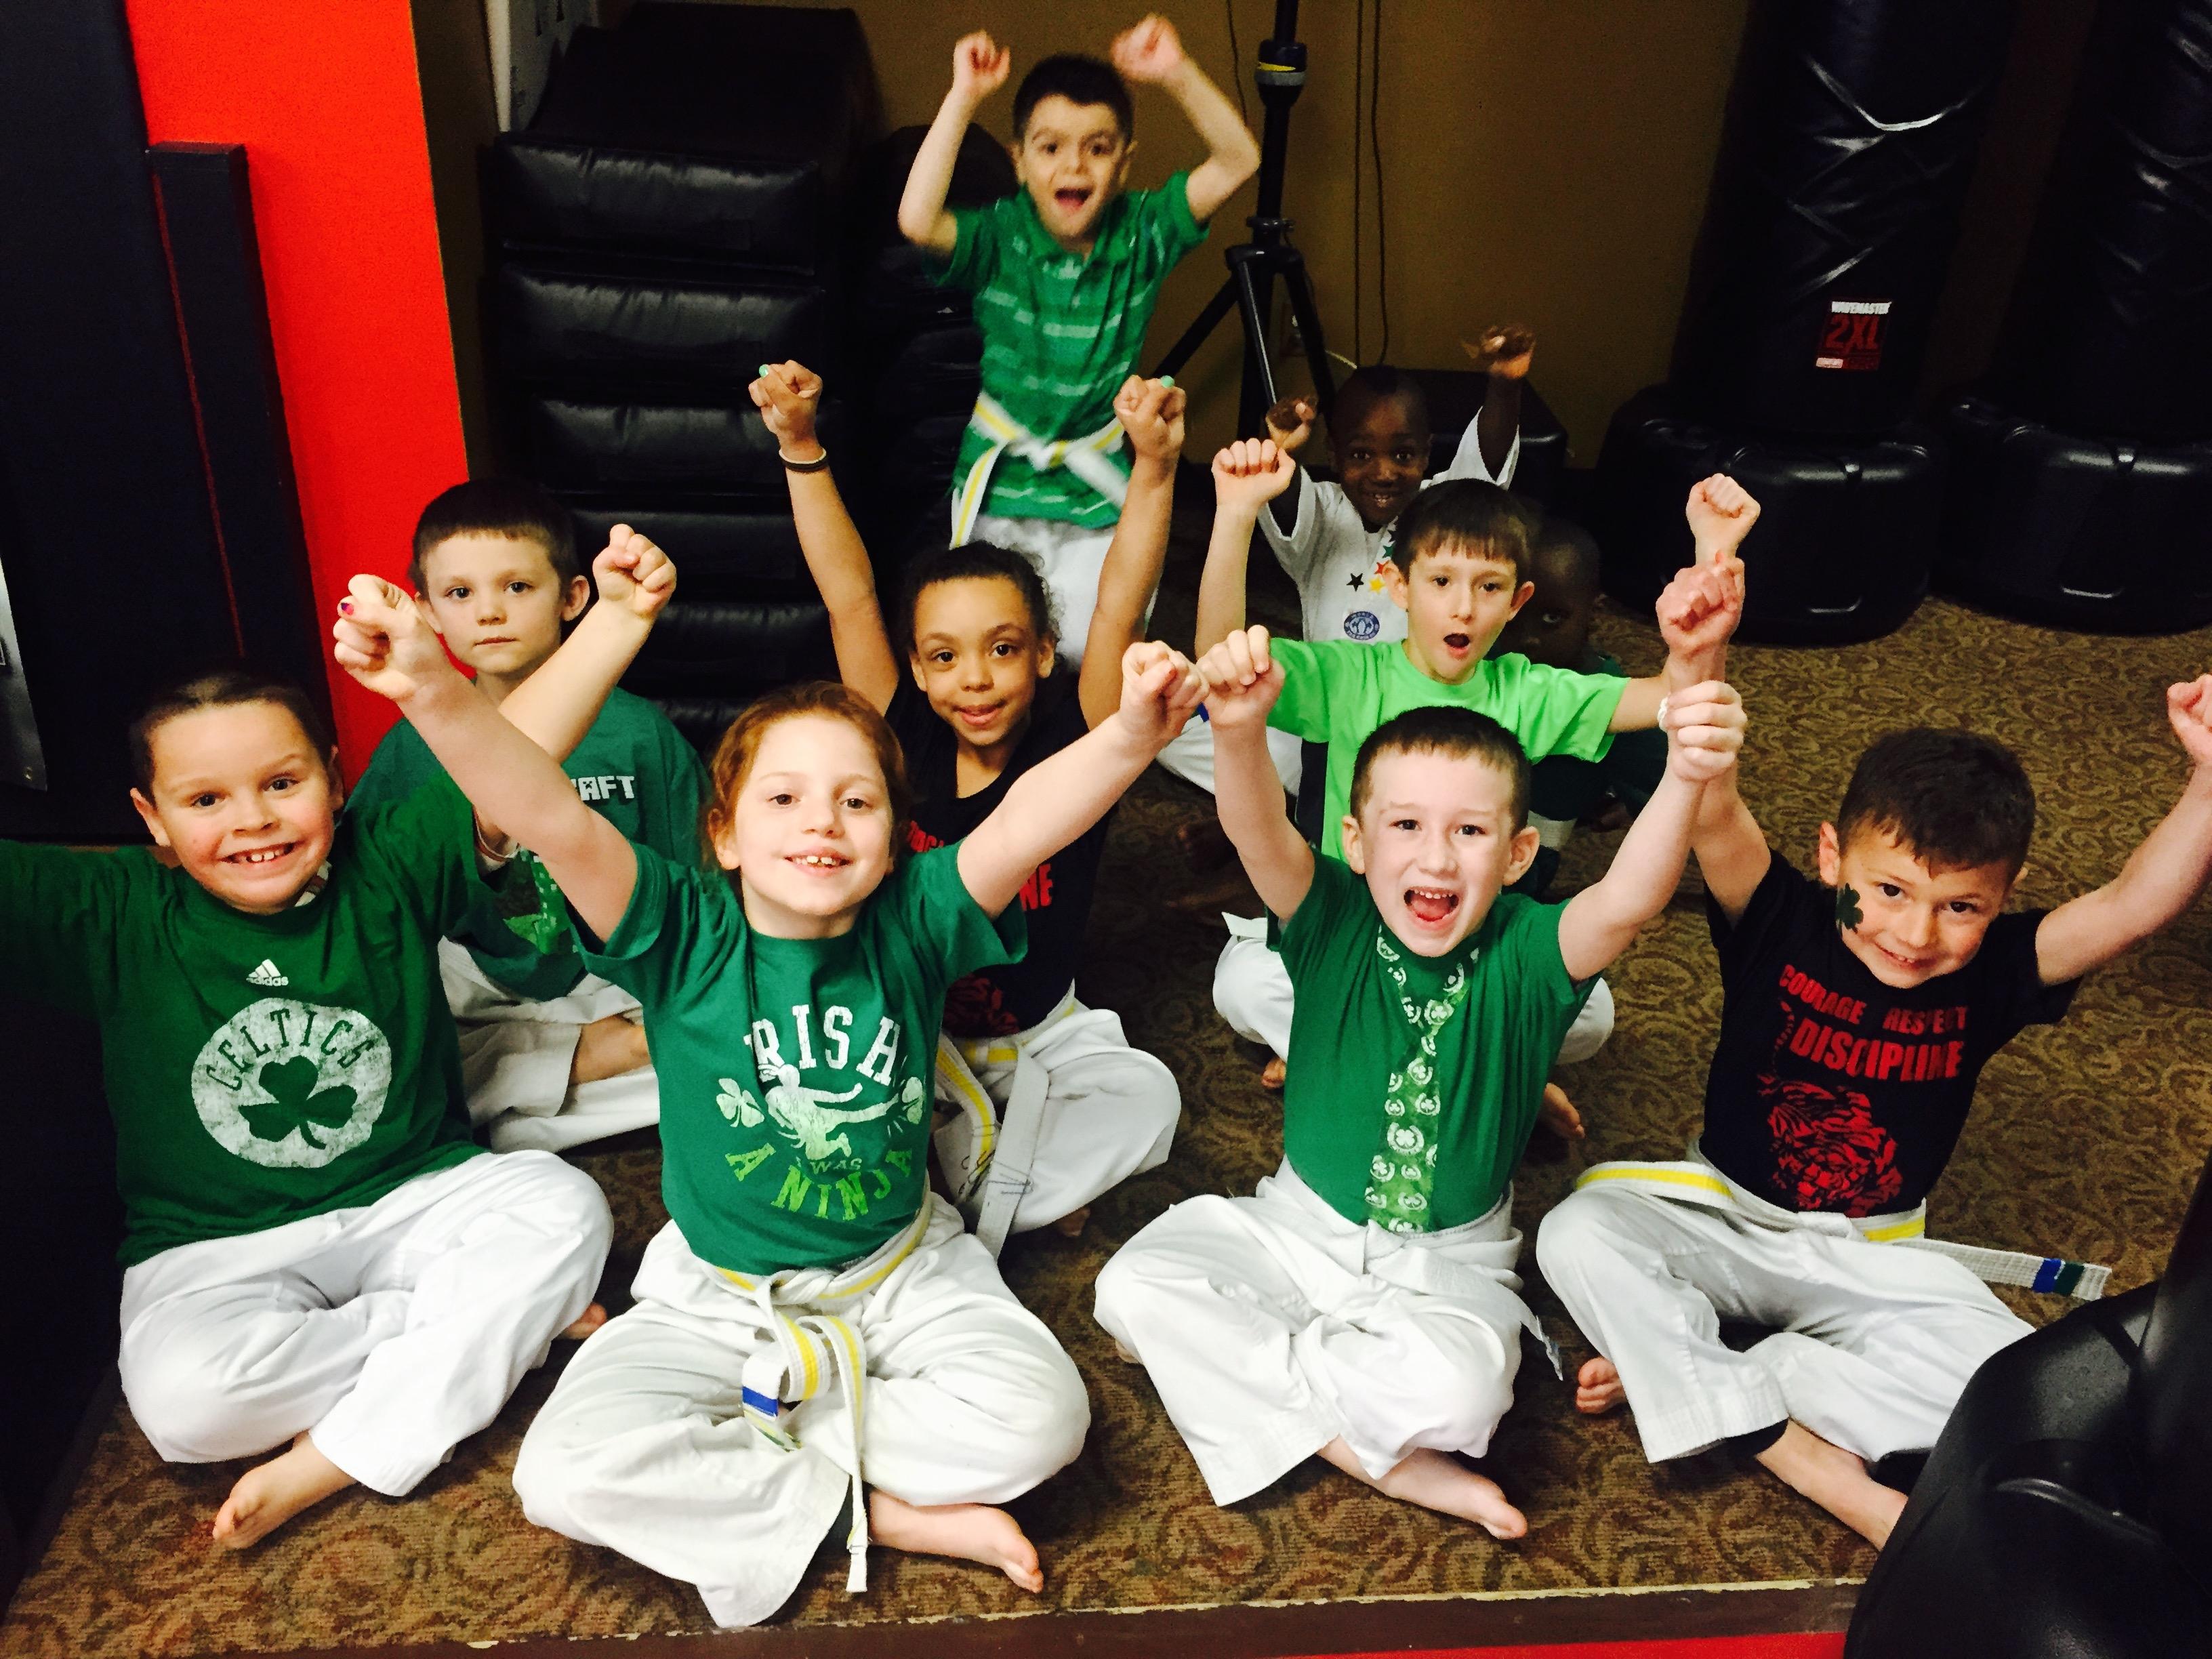 Boston Tae Kwon Do Academy image 7